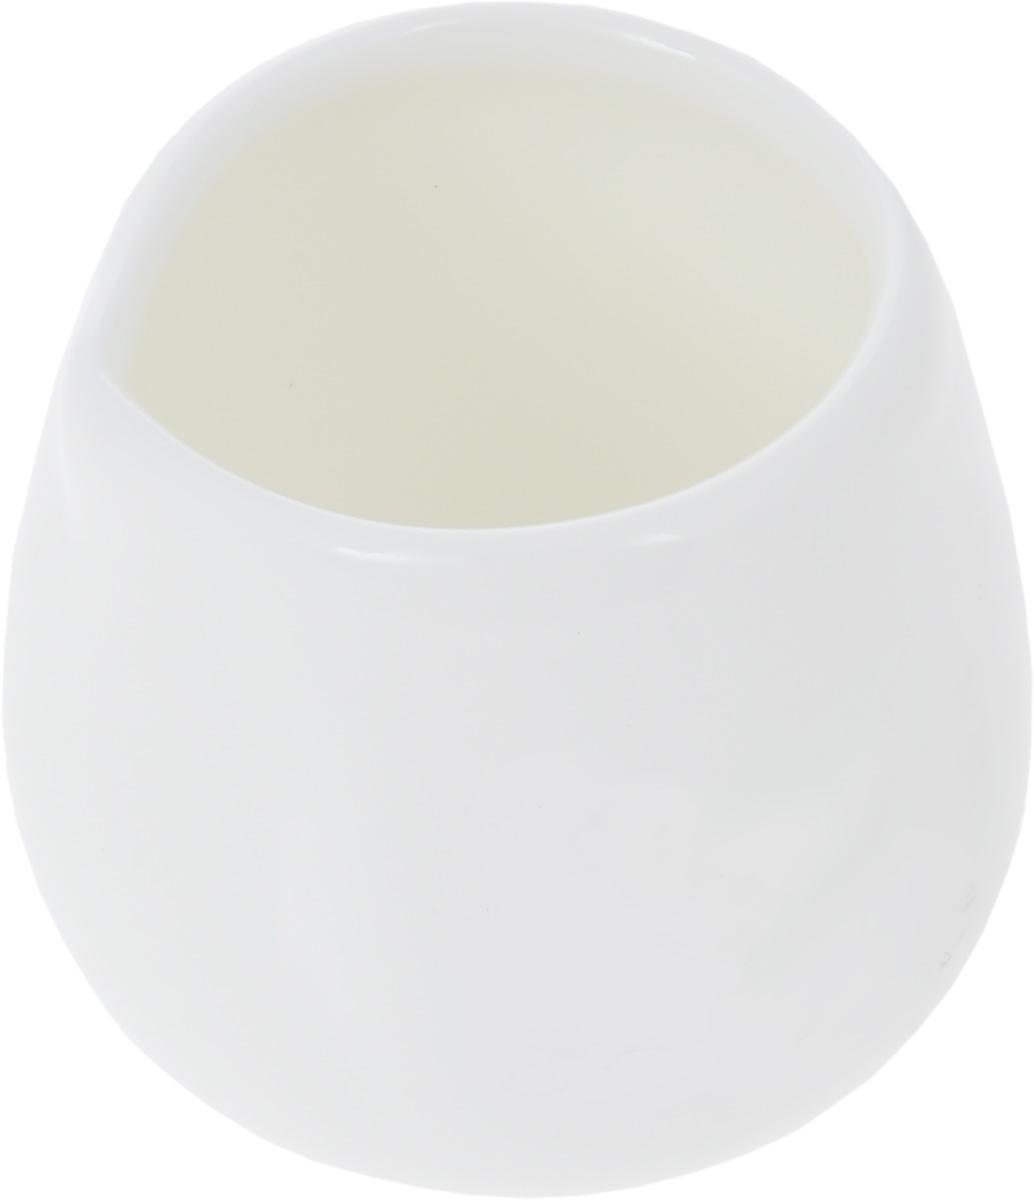 Молочник Wilmax, 50 млWL-995002 / AМолочник Wilmax изготовлен из высококачественного фарфора, покрытого глазурью. Изделие предназначено для сервировки сливок или молока. Такой молочник отлично подойдет как для праздничного чаепития, так и для повседневного использования. Изделие функциональное, практичное и легкое в уходе. Диаметр (по верхнему краю): 3,5 см. Высота: 4,5 см.